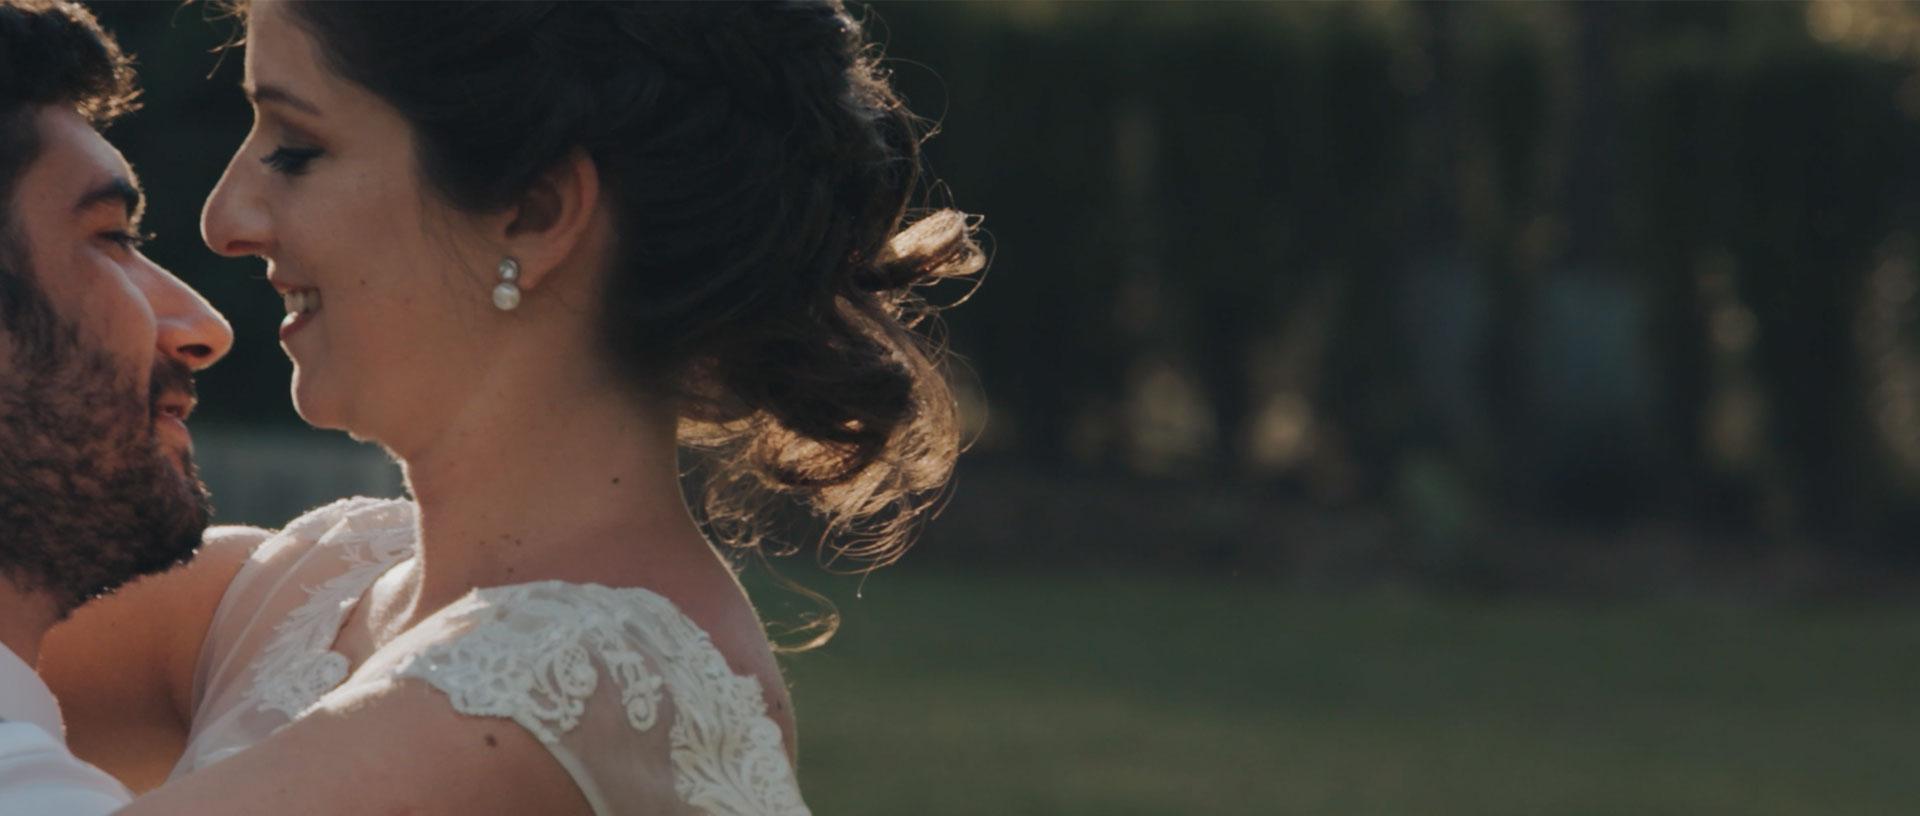 Daniela & Rodolfo - Wedding